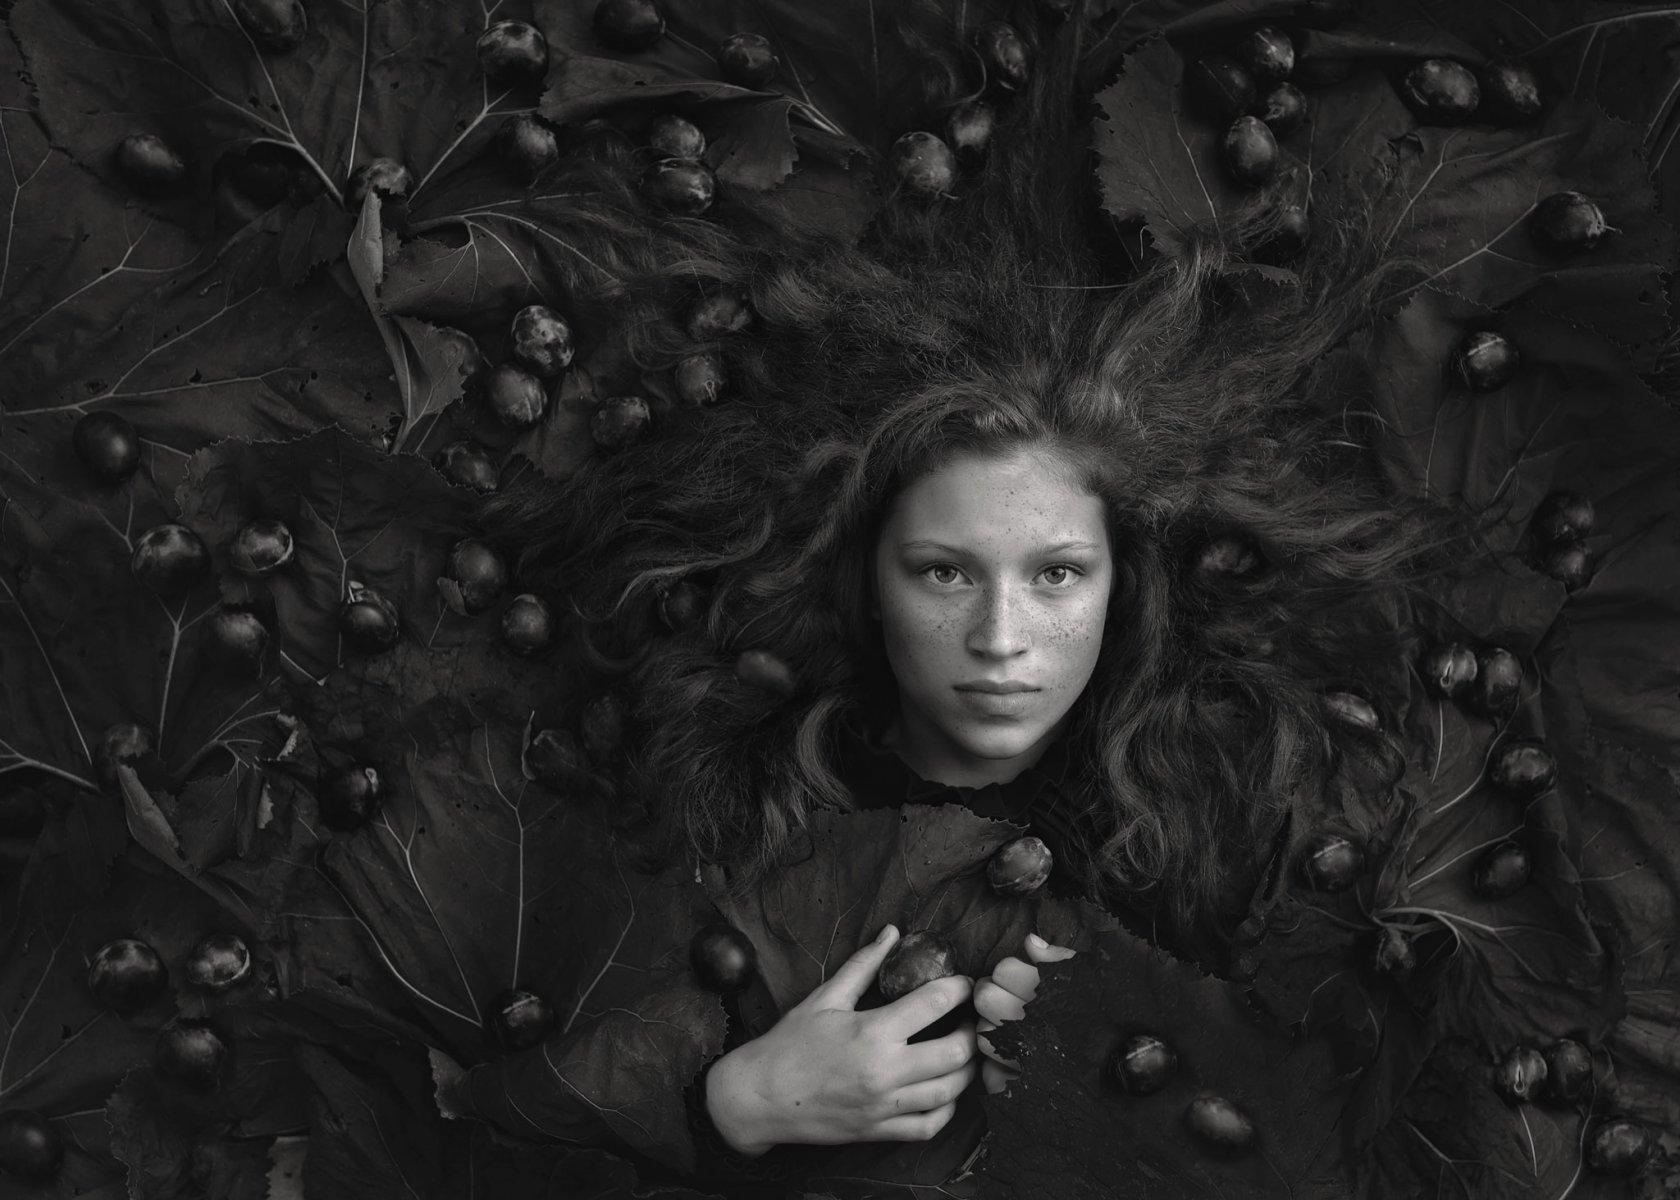 Лучшие фотоработы известных фотографов